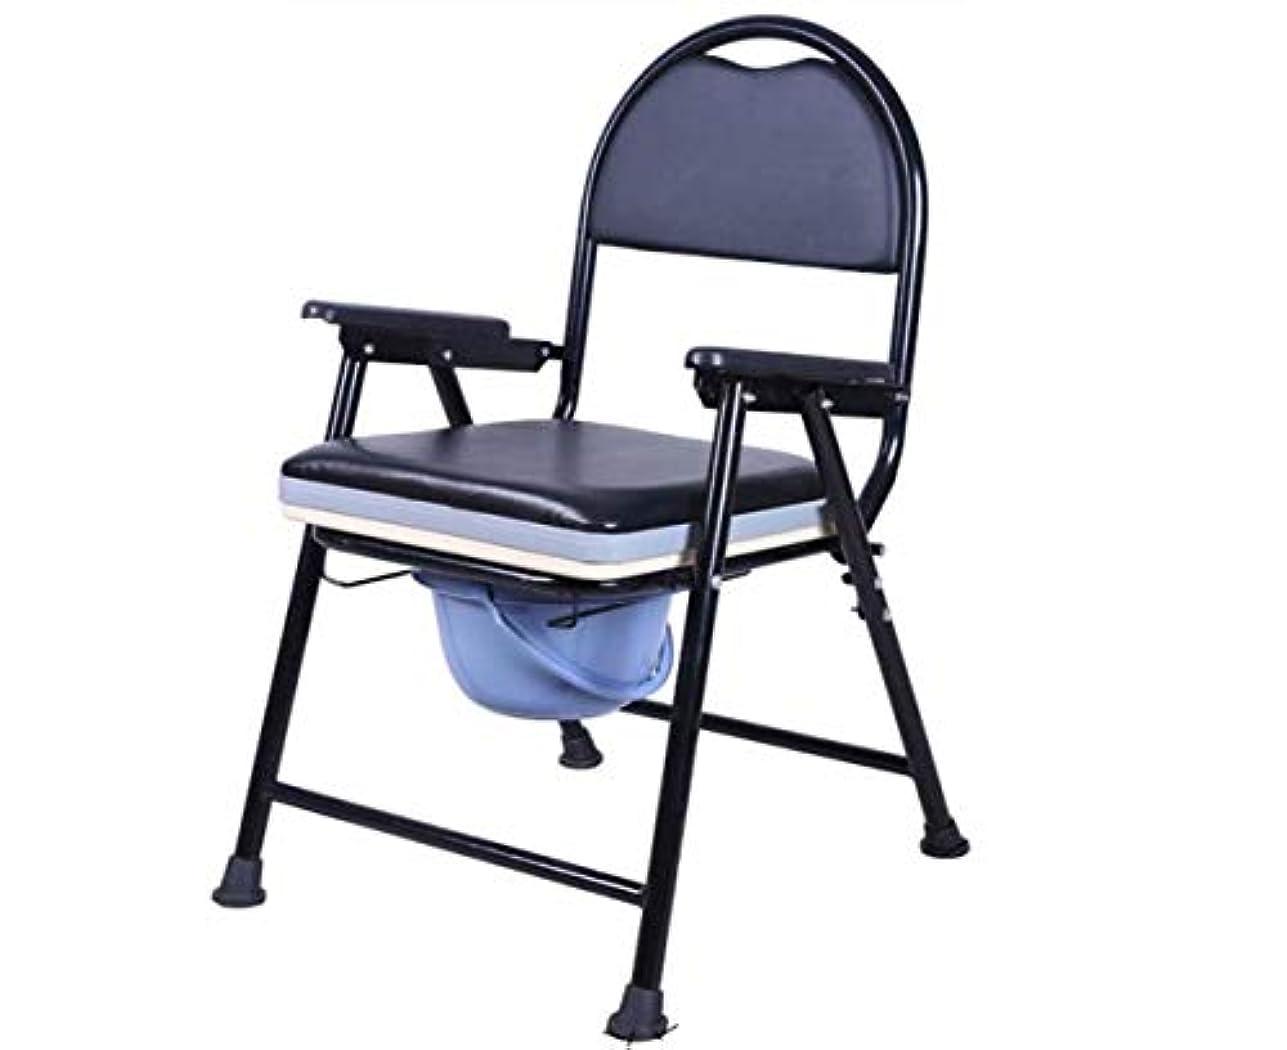 喜ぶ応援するを除く折りたたみ式mode椅子とトイレサラウンド、軽量、丈夫、シンプル、高齢者高齢者向けのバスルームサポート、無効